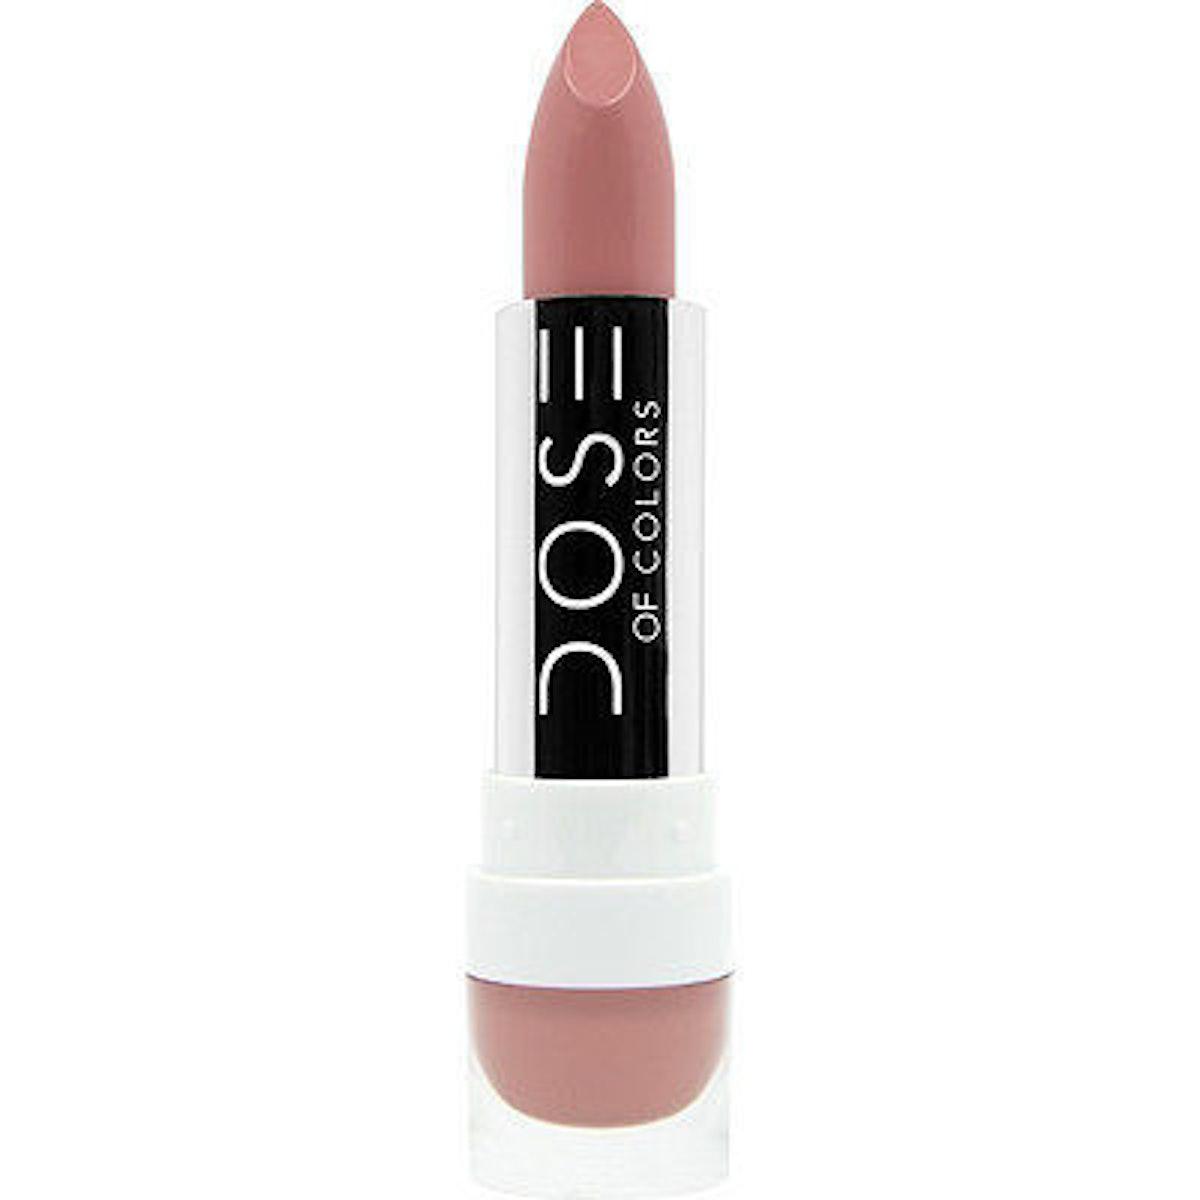 Dose of Colors Creamy Lipstick